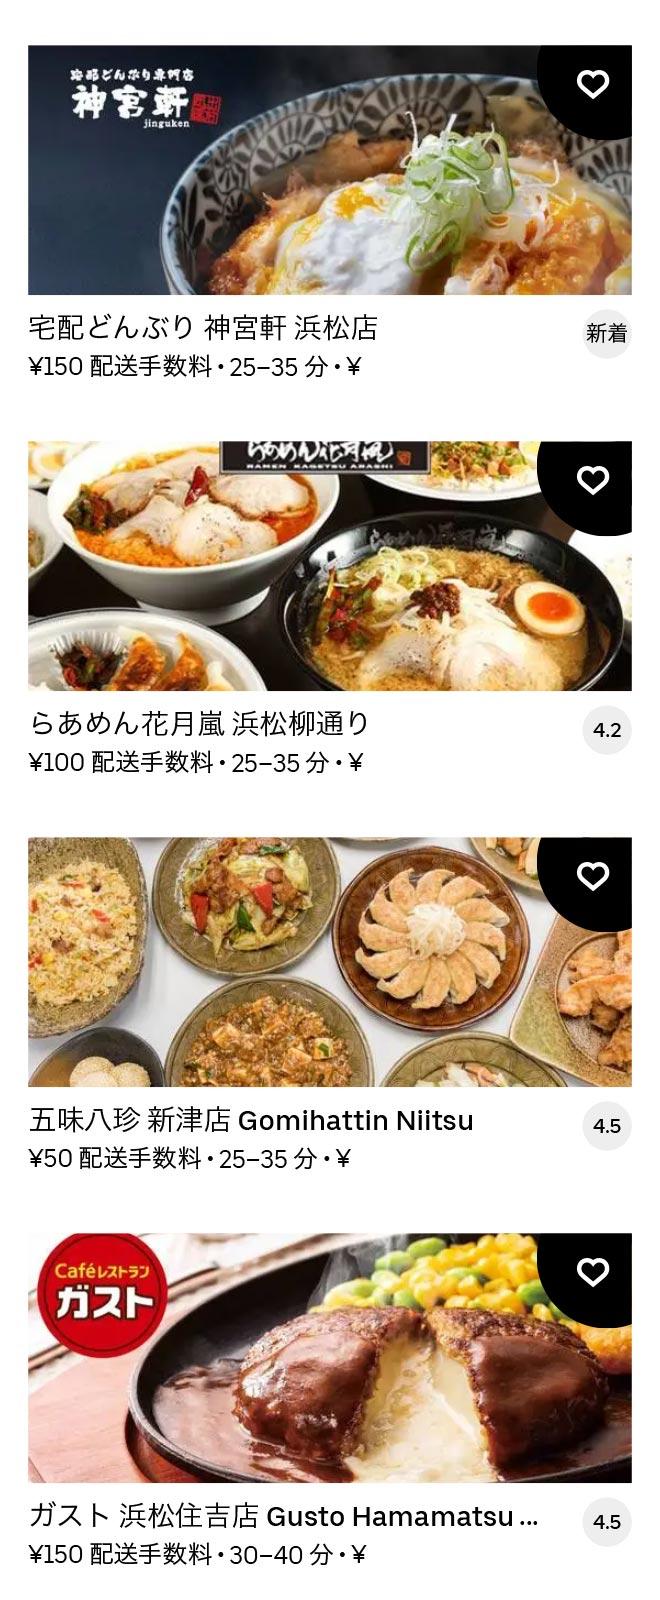 Hikuma menu 2011 07